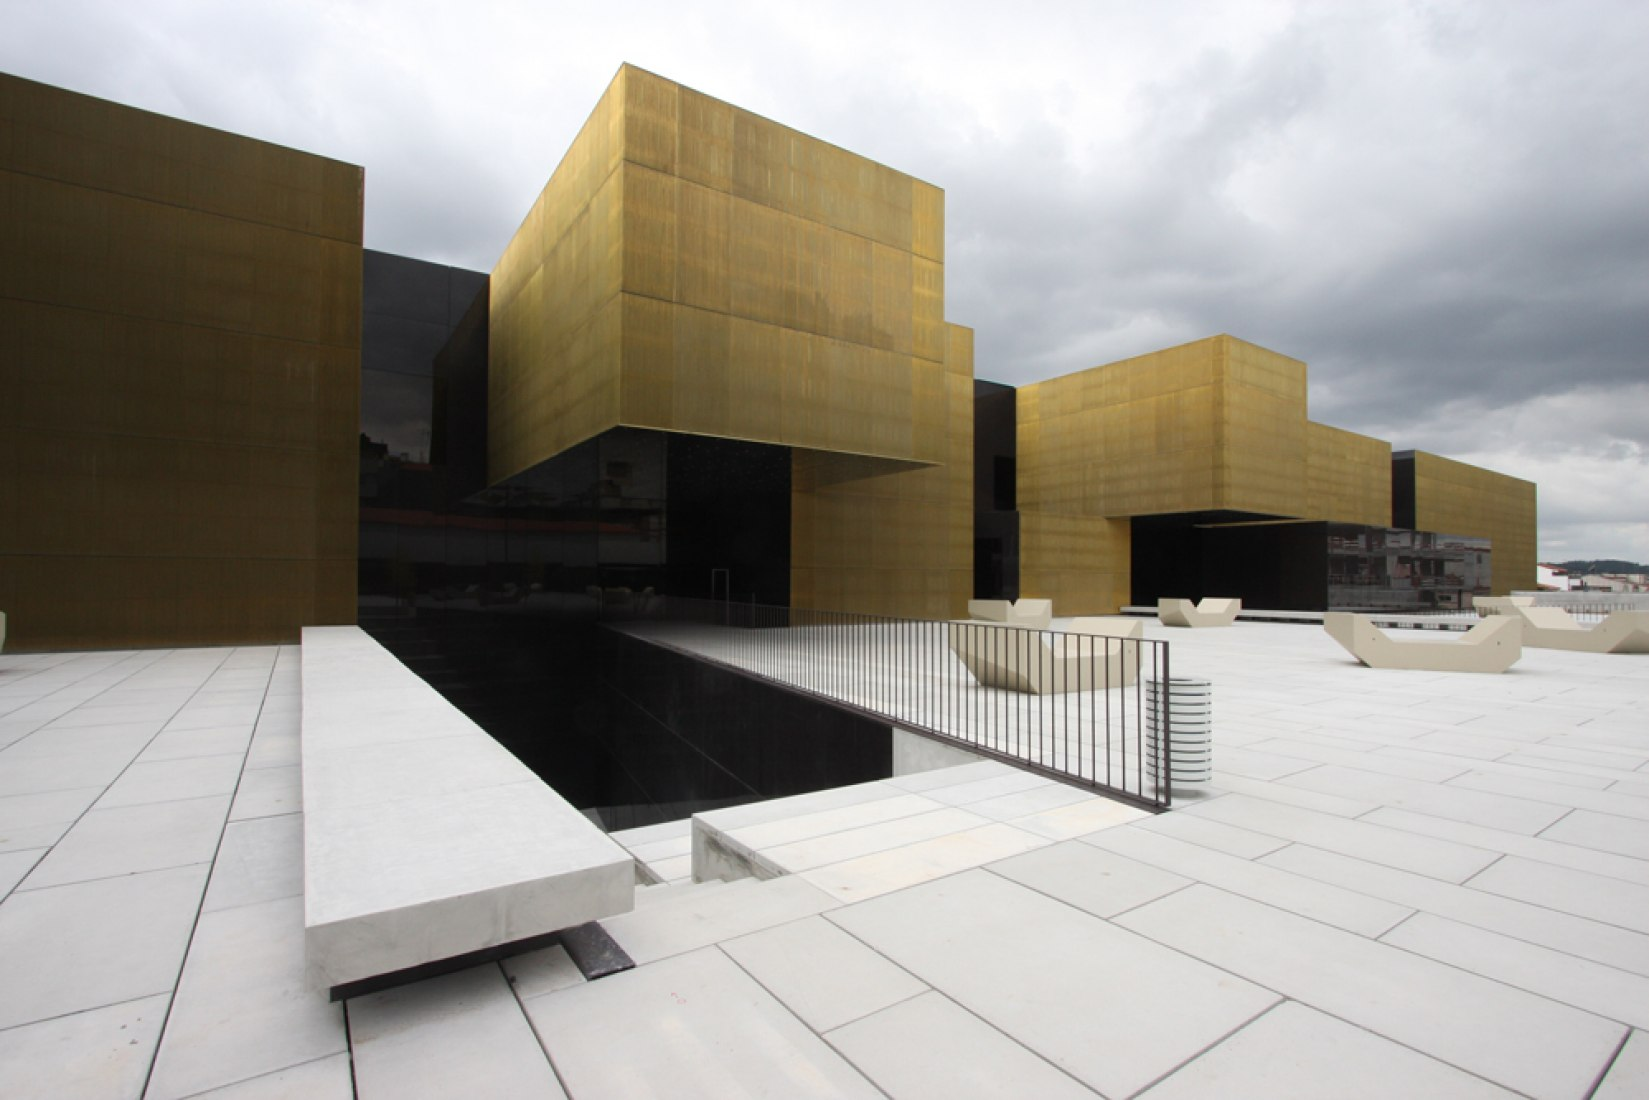 Plaza de acceso. Plataforma de las Artes y la Creatividad por Pitágoras. Fotografía © Pitágoras.